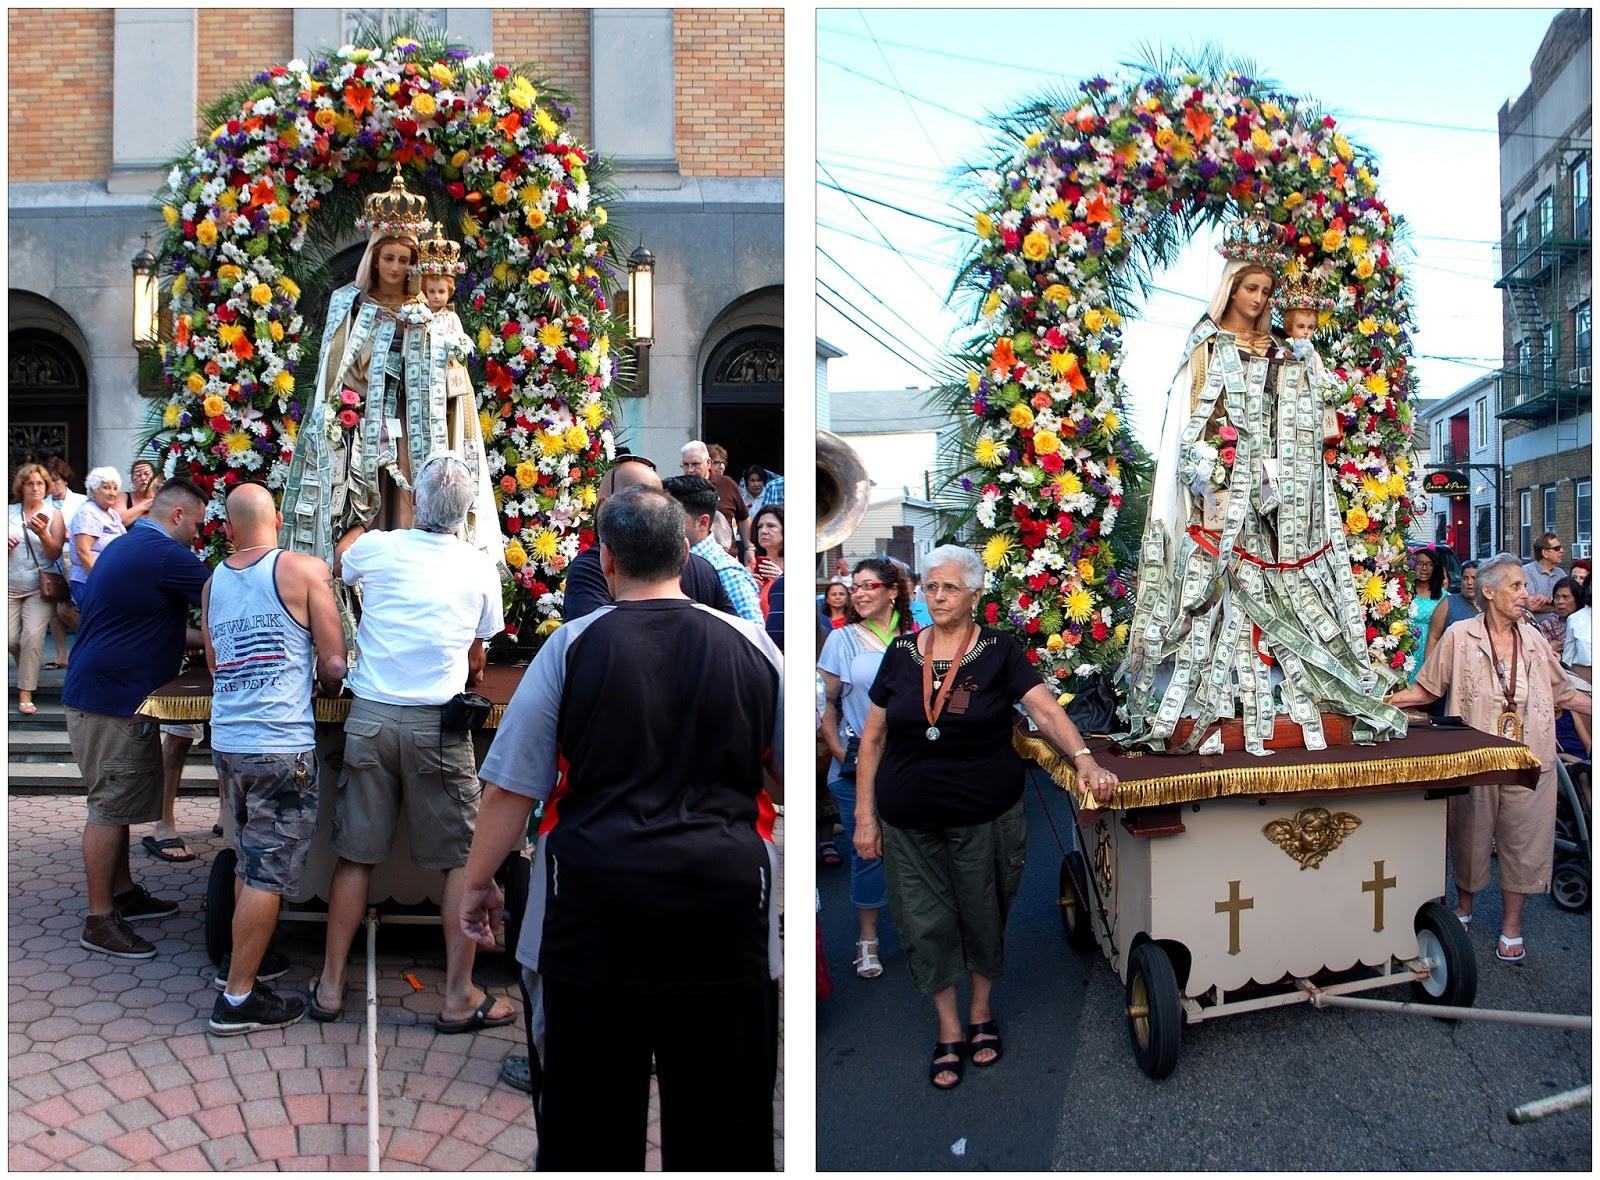 Il Regno: Evviva Maria! Celebrating the 127th Annual Feast